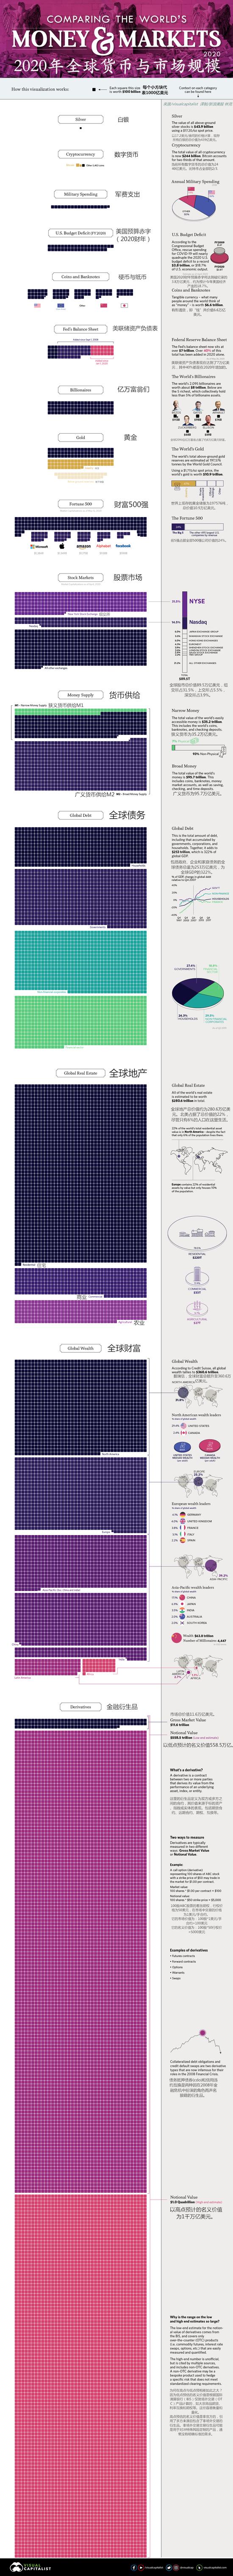 一图看懂:2020年全球货币与市场规模,外汇交易时间段